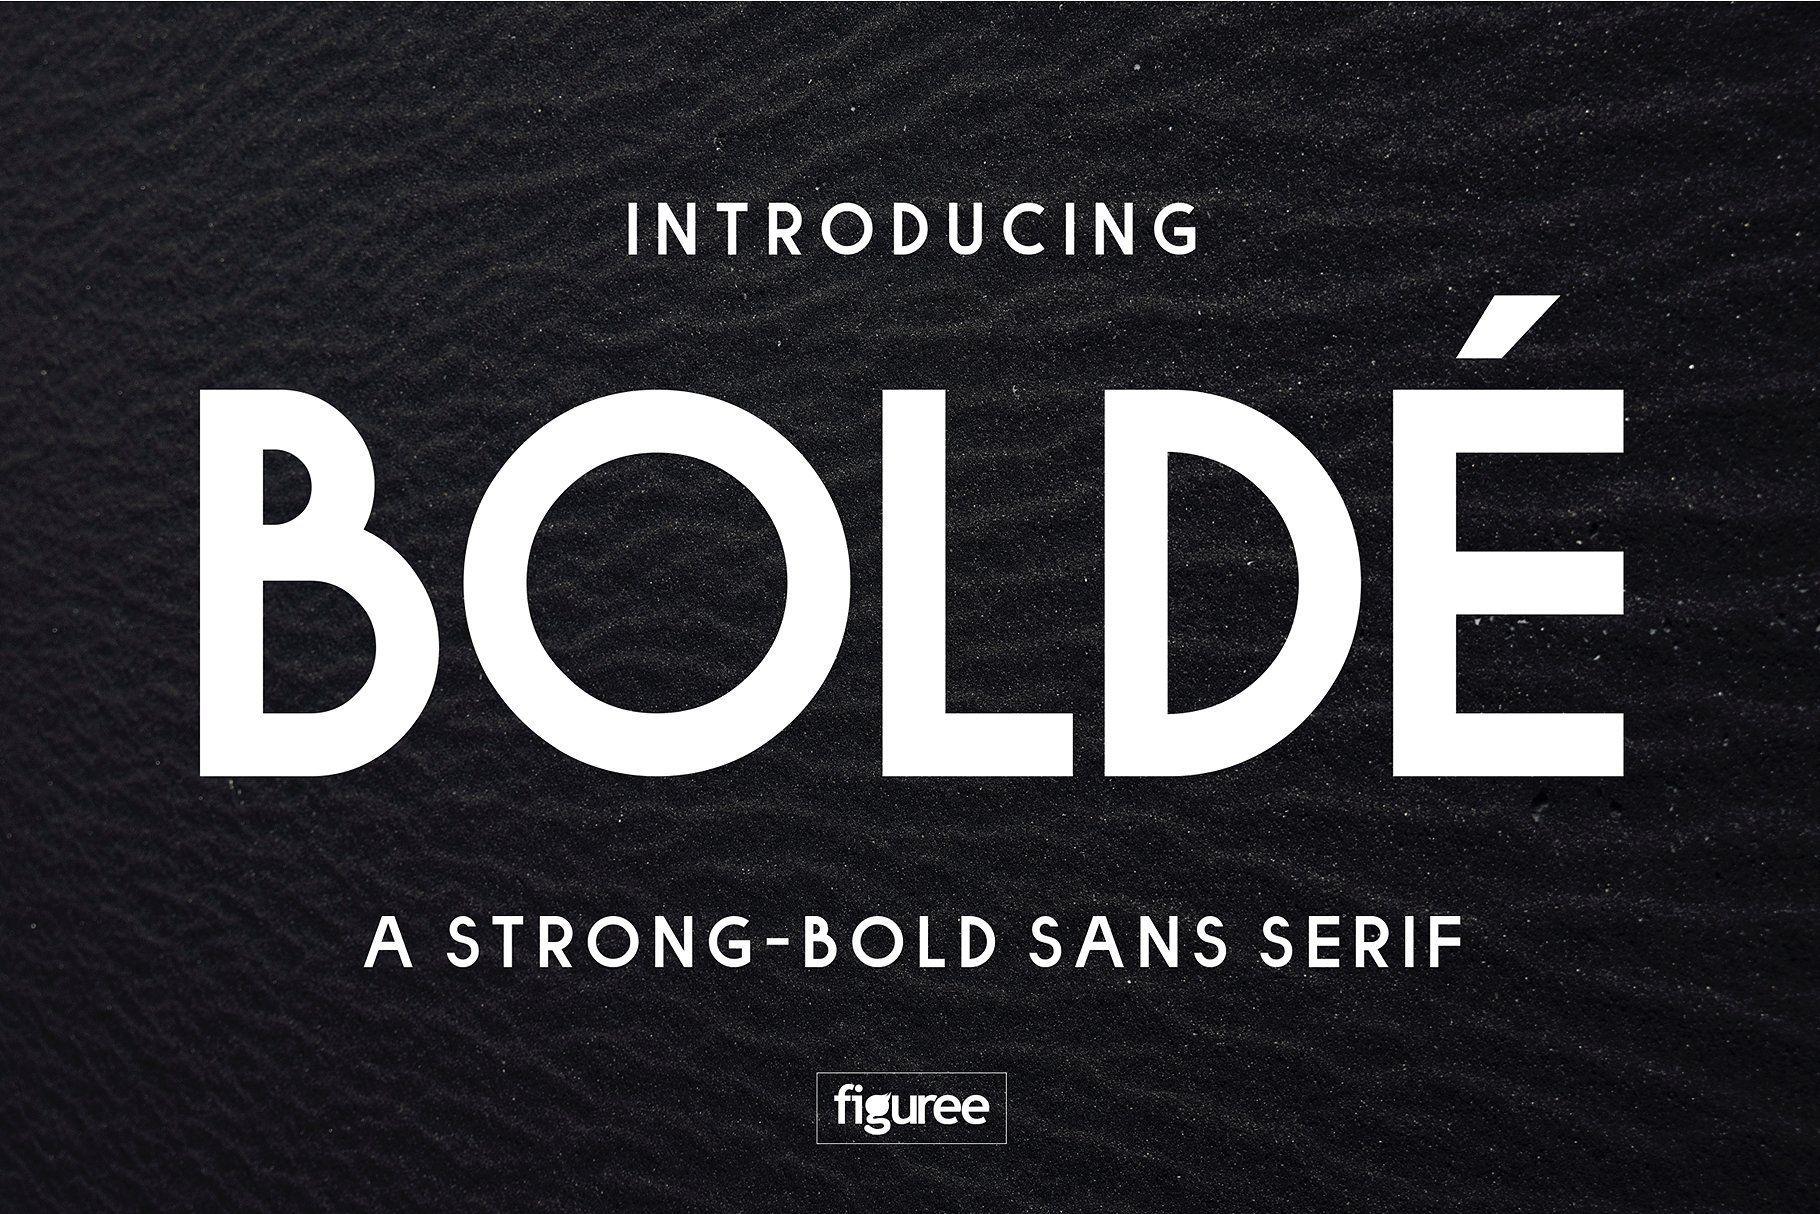 Bolde Sans serif, Serif, Sans serif fonts